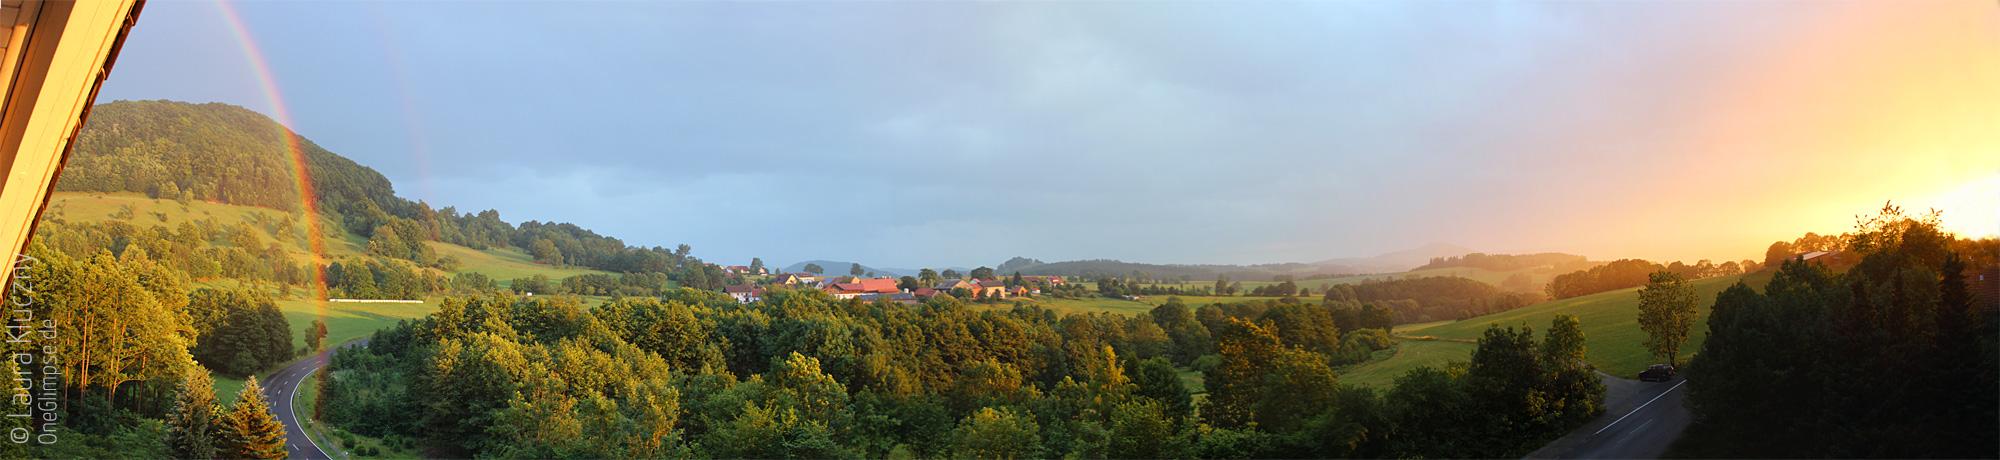 Rhön: Ausblick vom Hotel-Balkon mit Regen, Sonnenuntergang und Regenbogen/Panorama